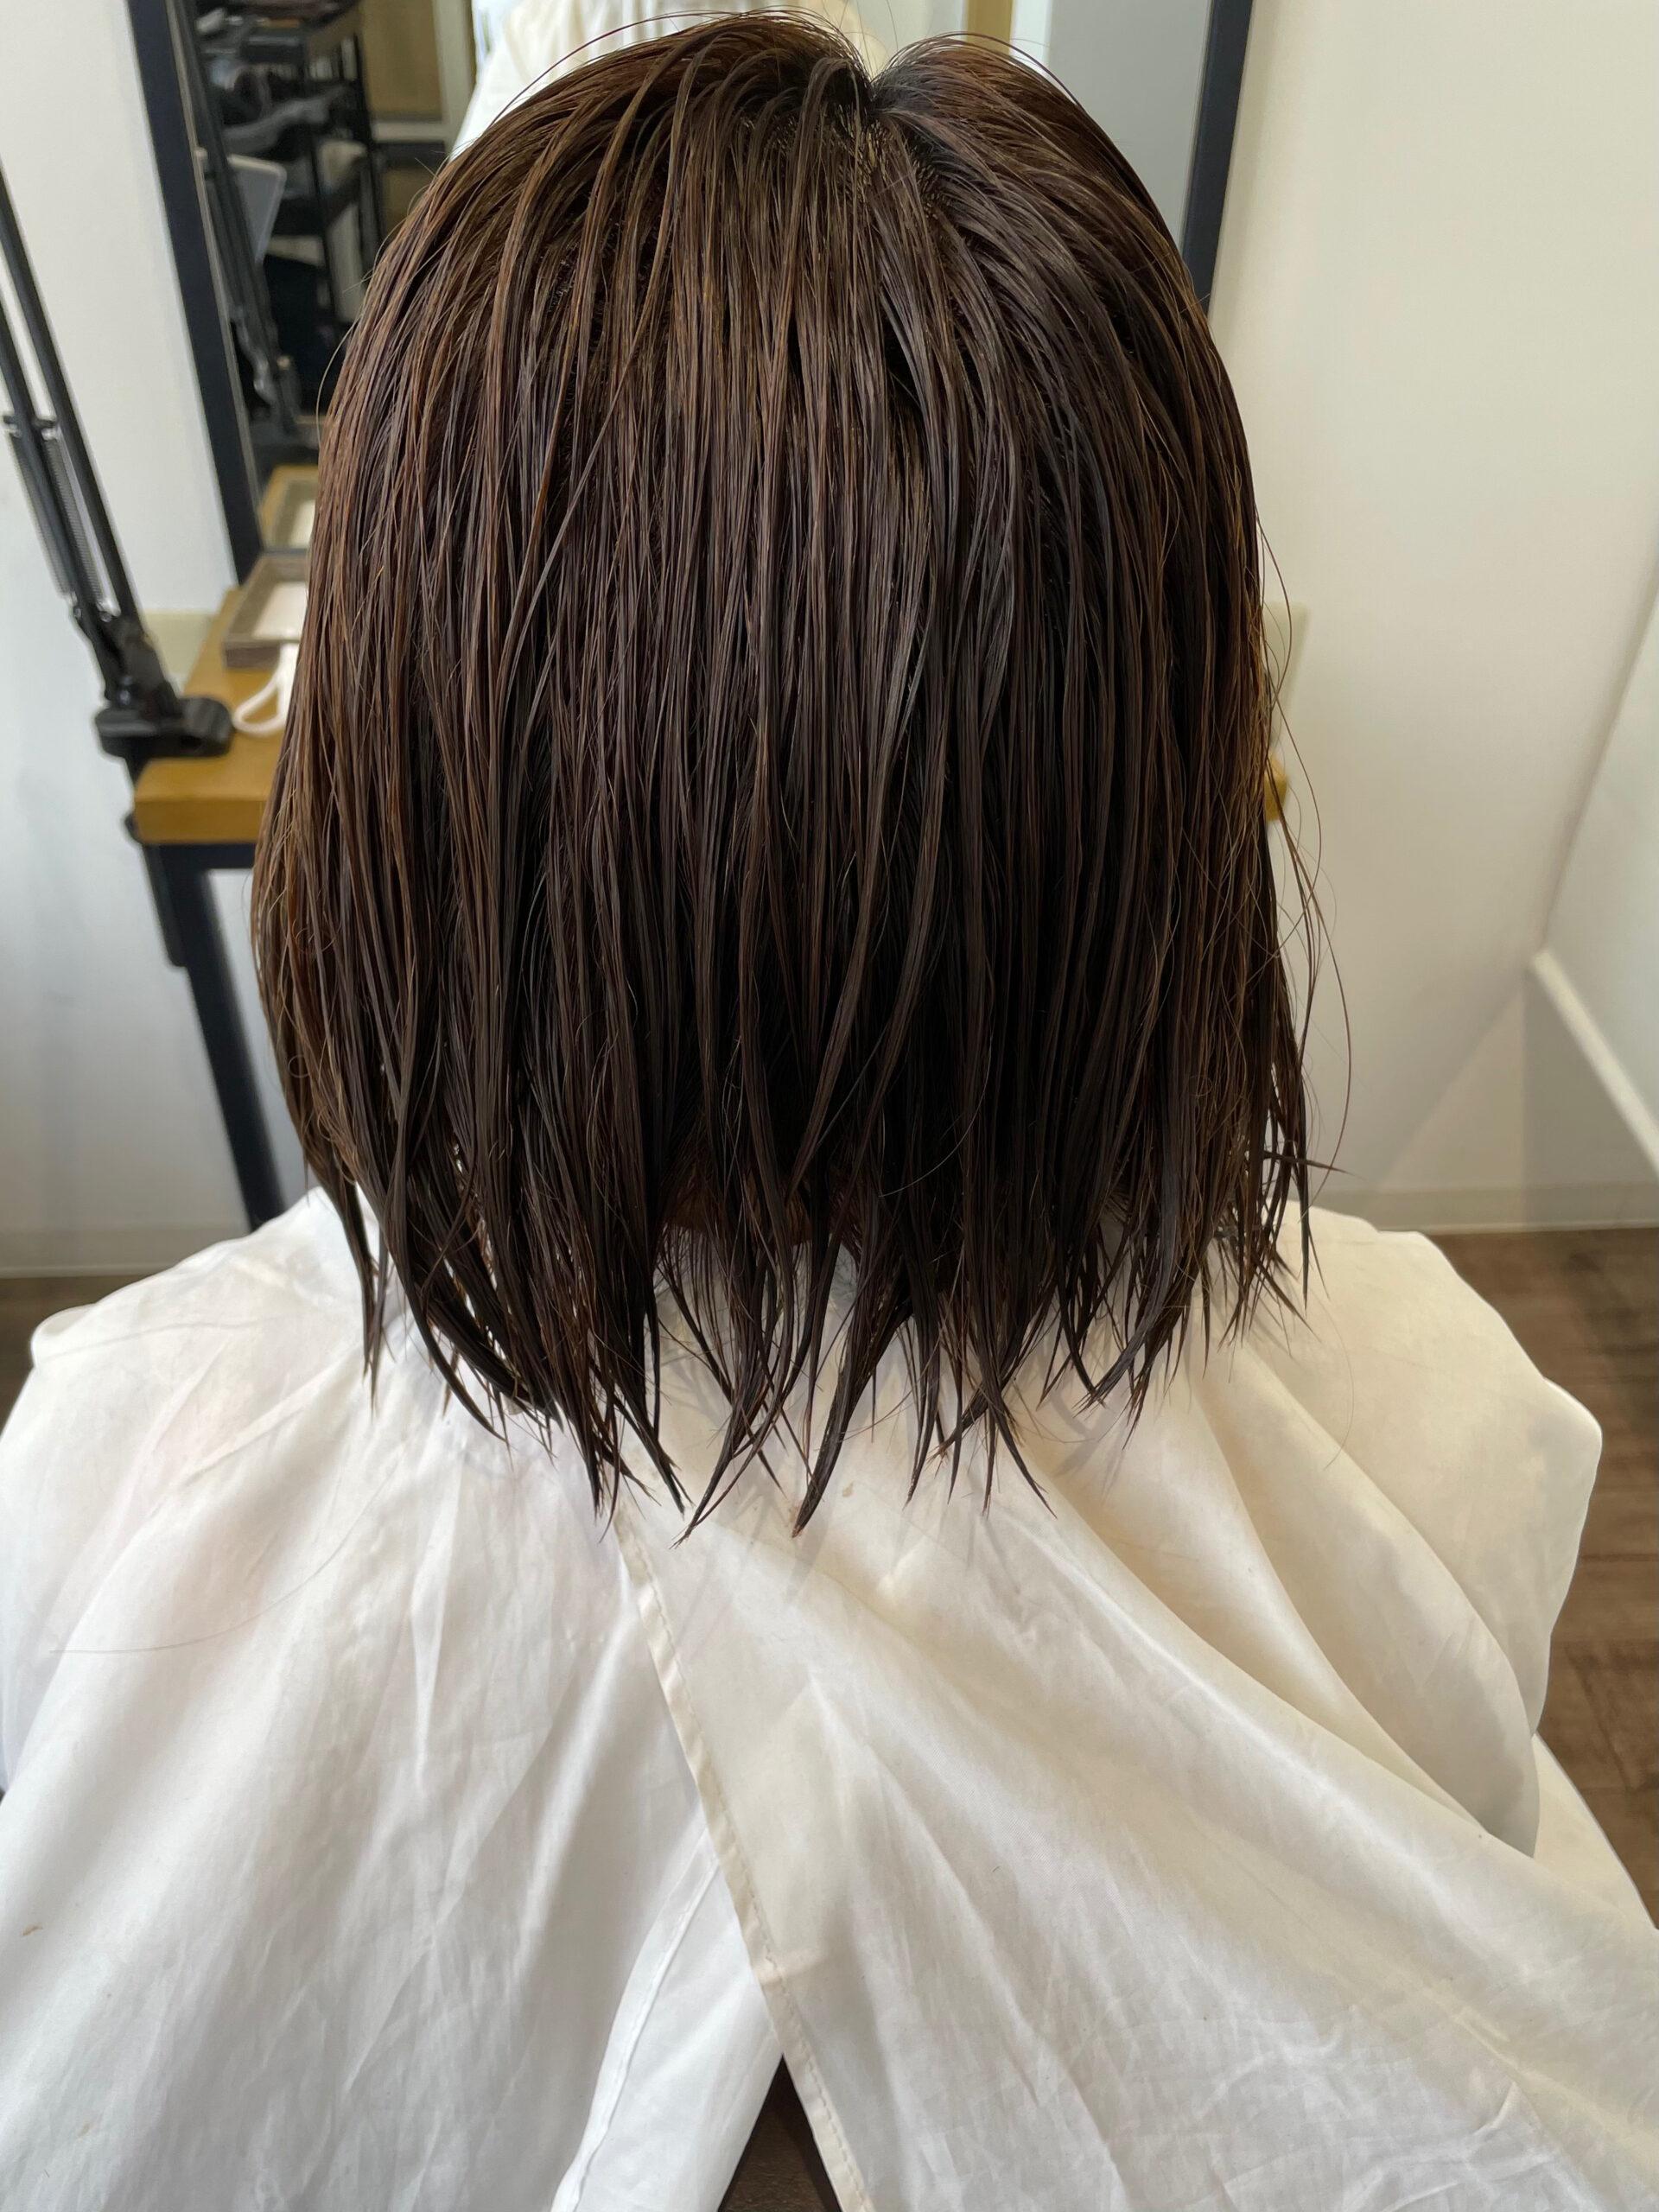 大分県別府市 ツヤツヤになる髪質改善のトリートメントメニューをお試し中 ビフォー